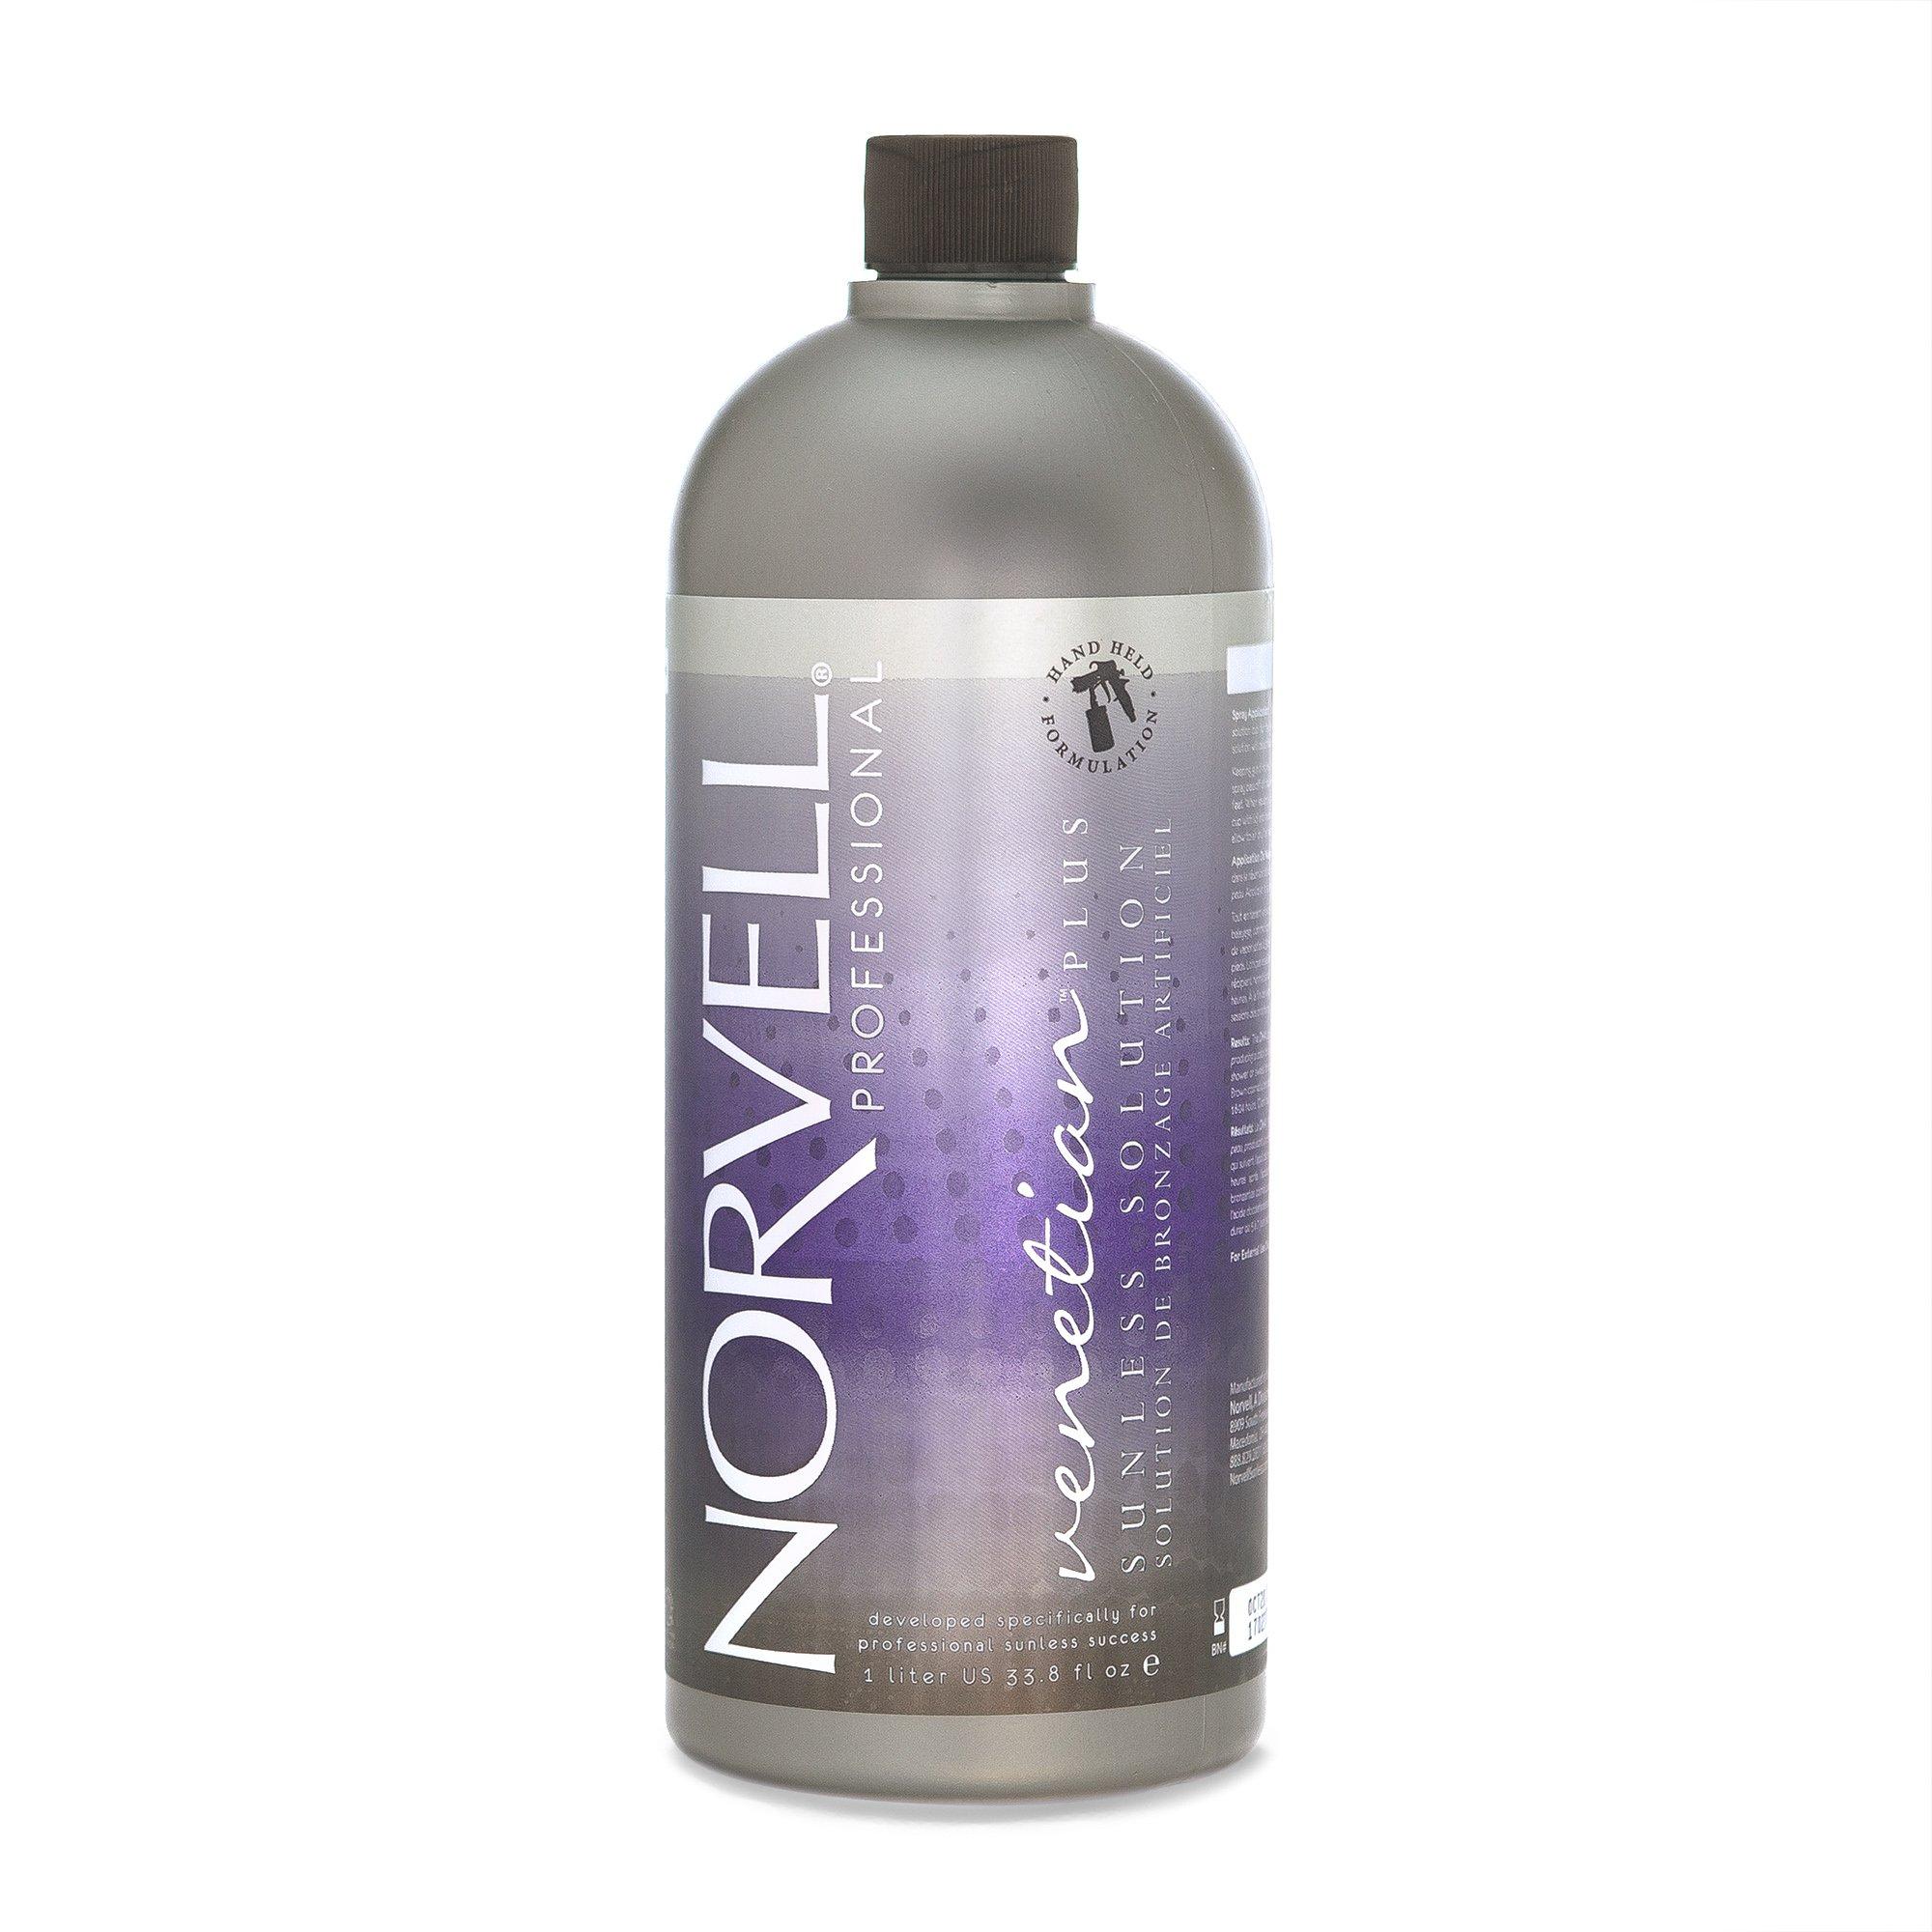 Norvell Premium Sunless Tanning Solution - Venetian Plus, 1 Liter by Norvell